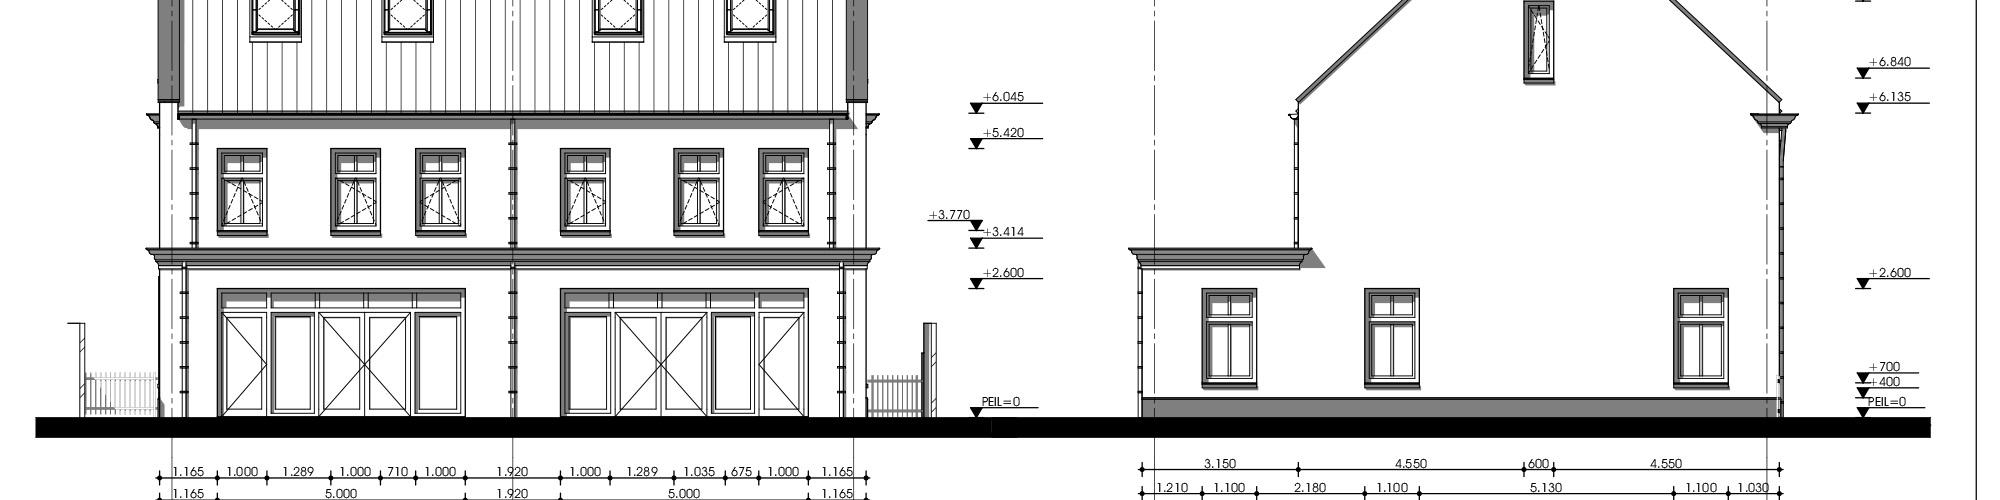 slider-image-bouwtekening-2